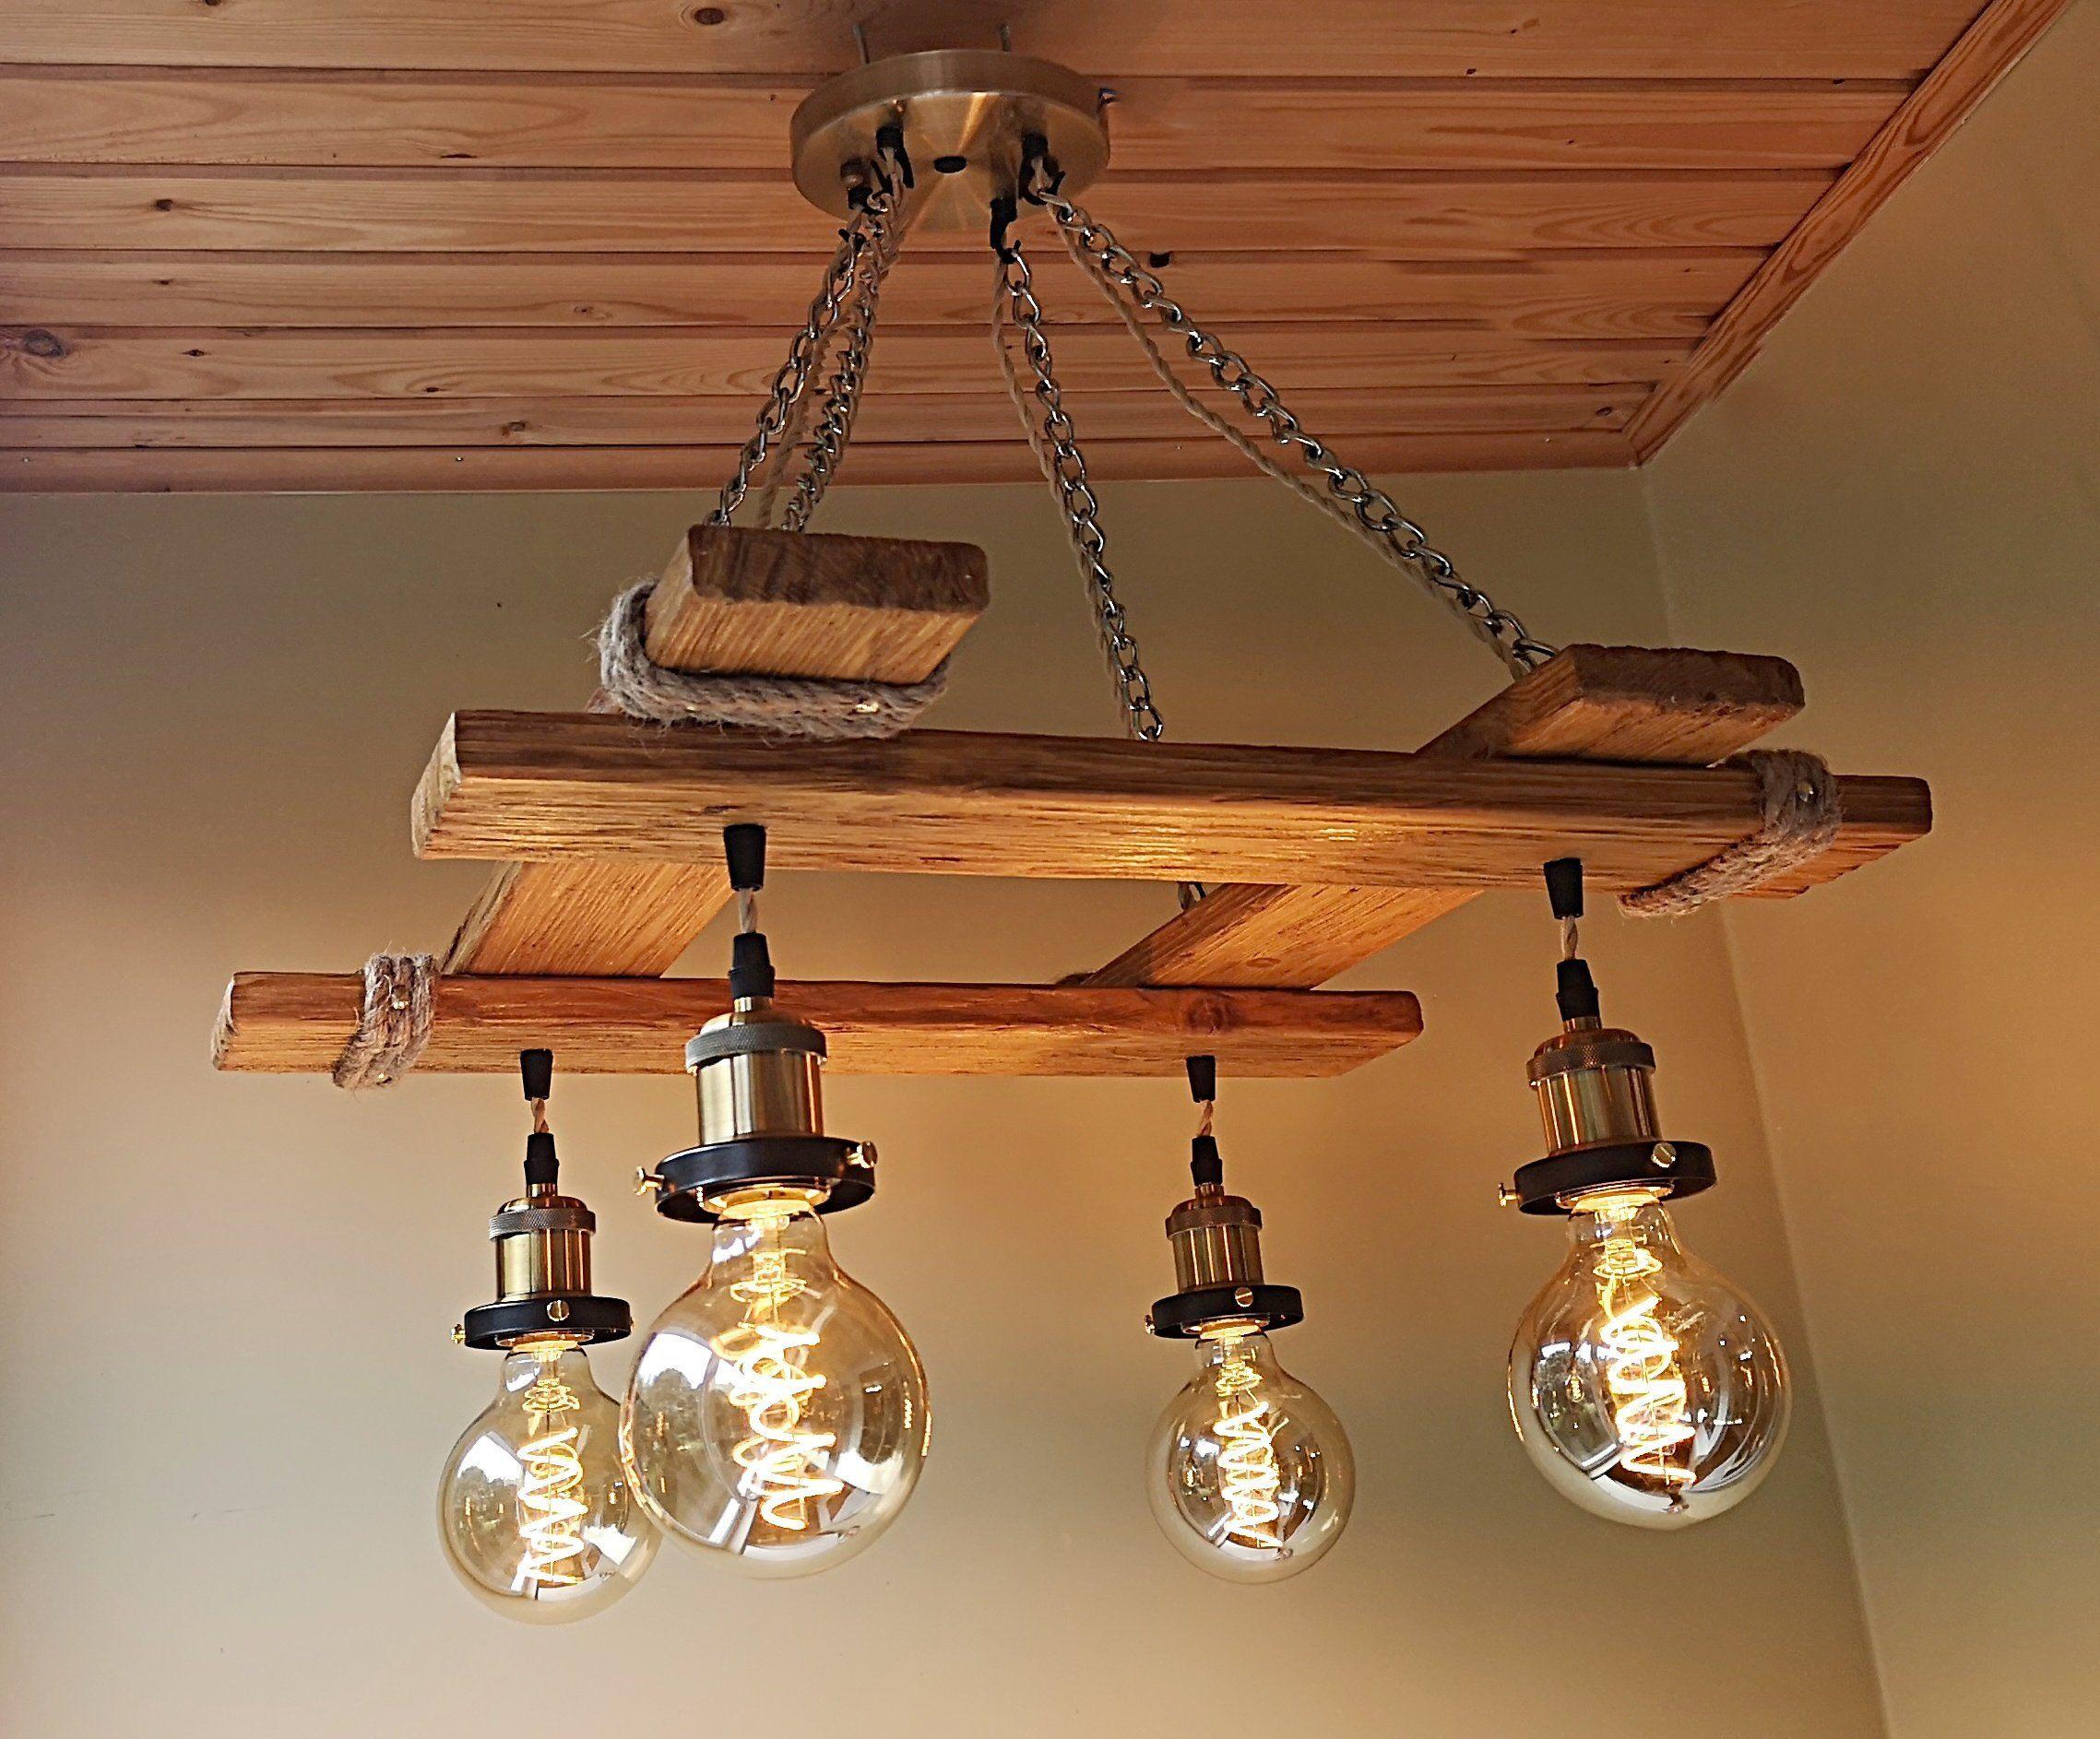 Rustic Light Fixture Hanging Light Rustic Lighting Industrial Pendant Light Wood Chandelie Rustic Light Fixtures Wood Chandelier Rustic Rustic Lighting